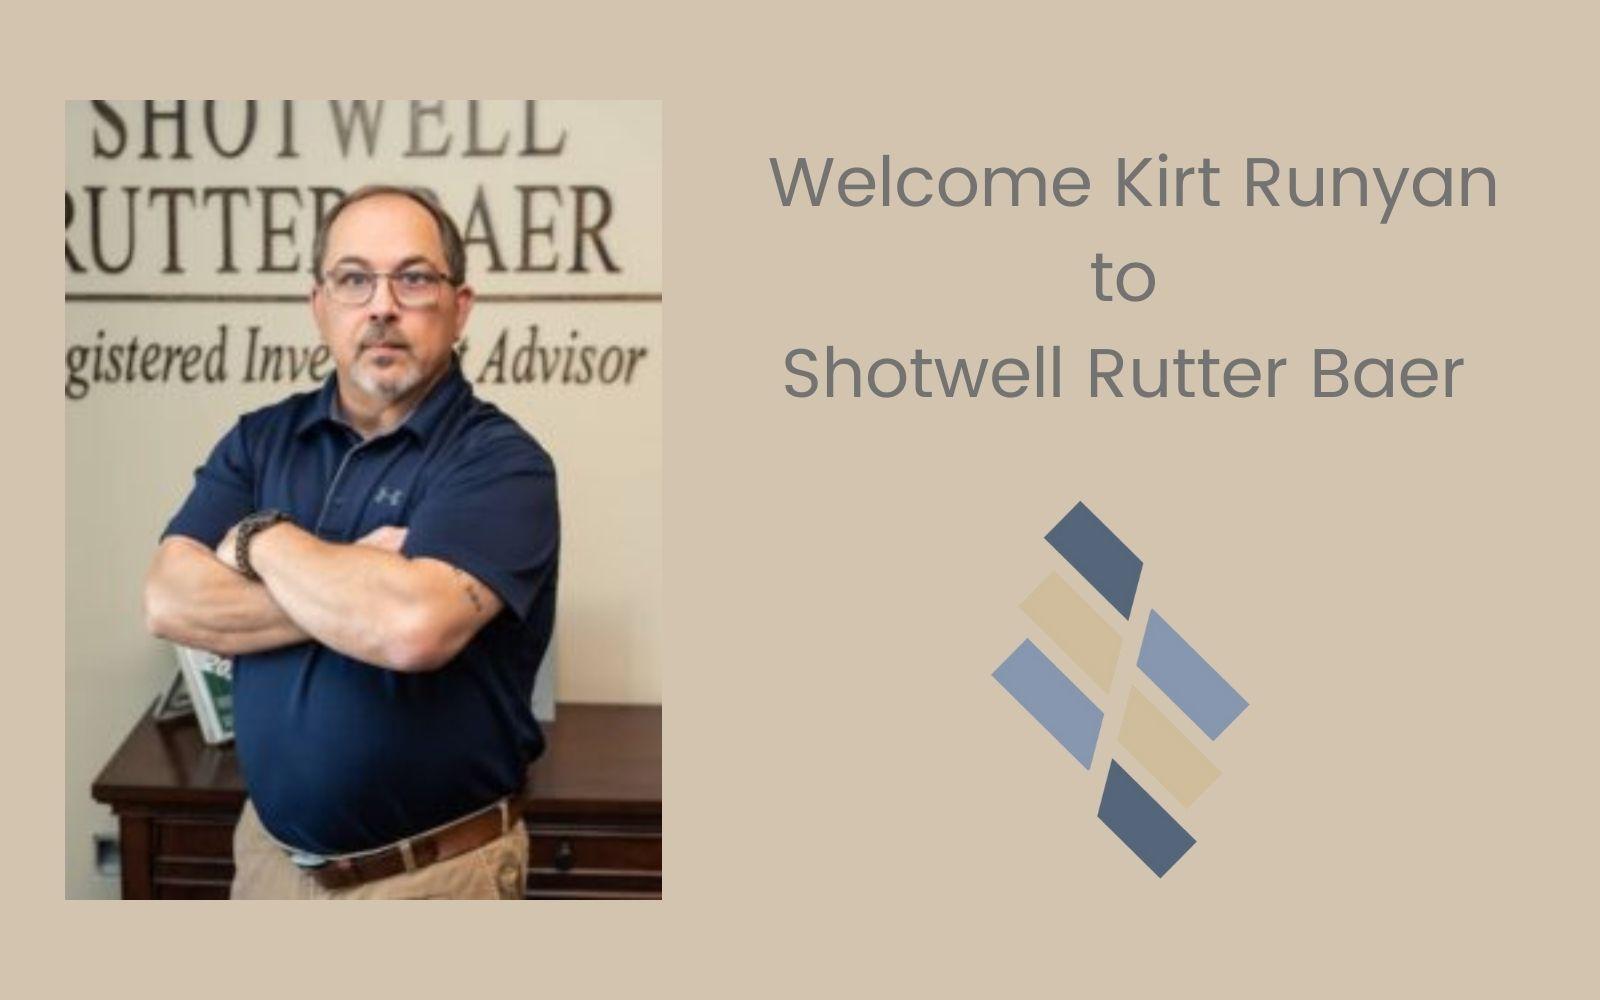 Welcome Kirt Runyan